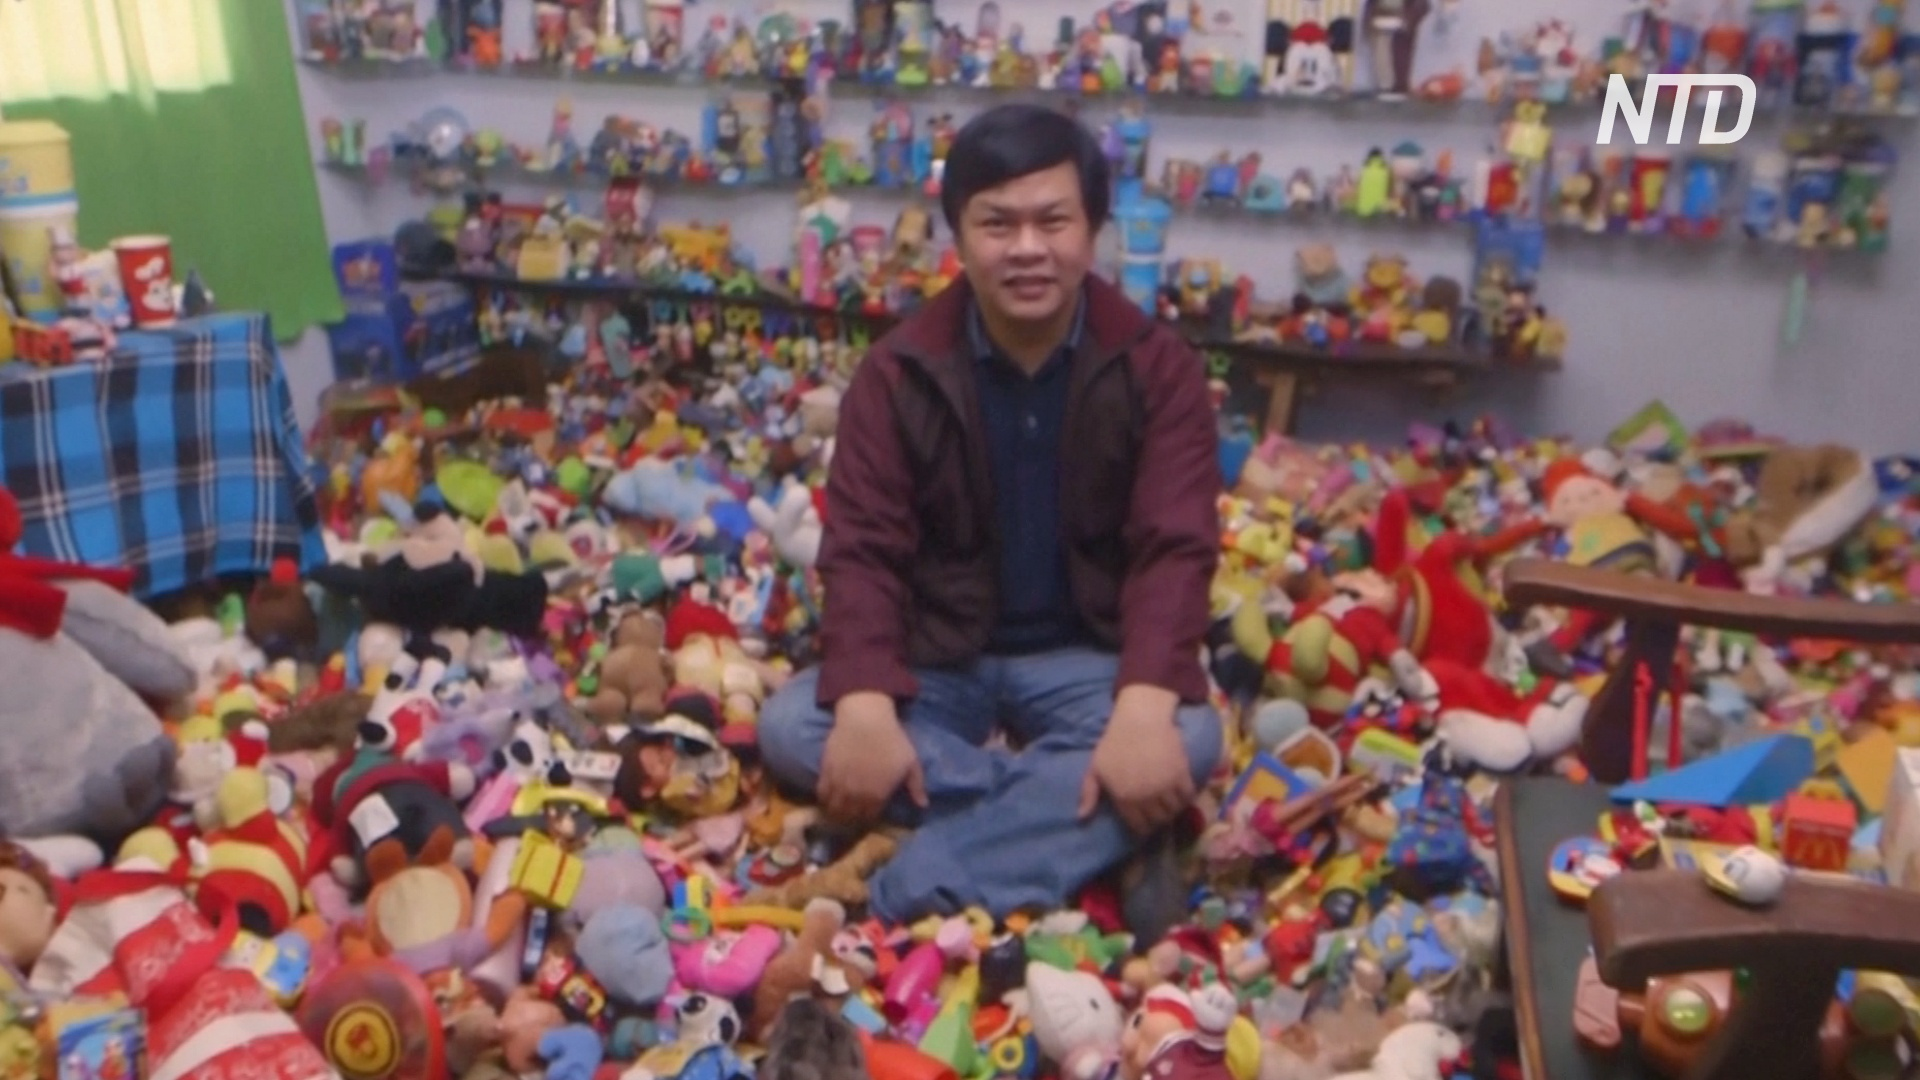 Филиппинец за 45 лет собрал 20 тысяч игрушек из ресторанов быстрого питания